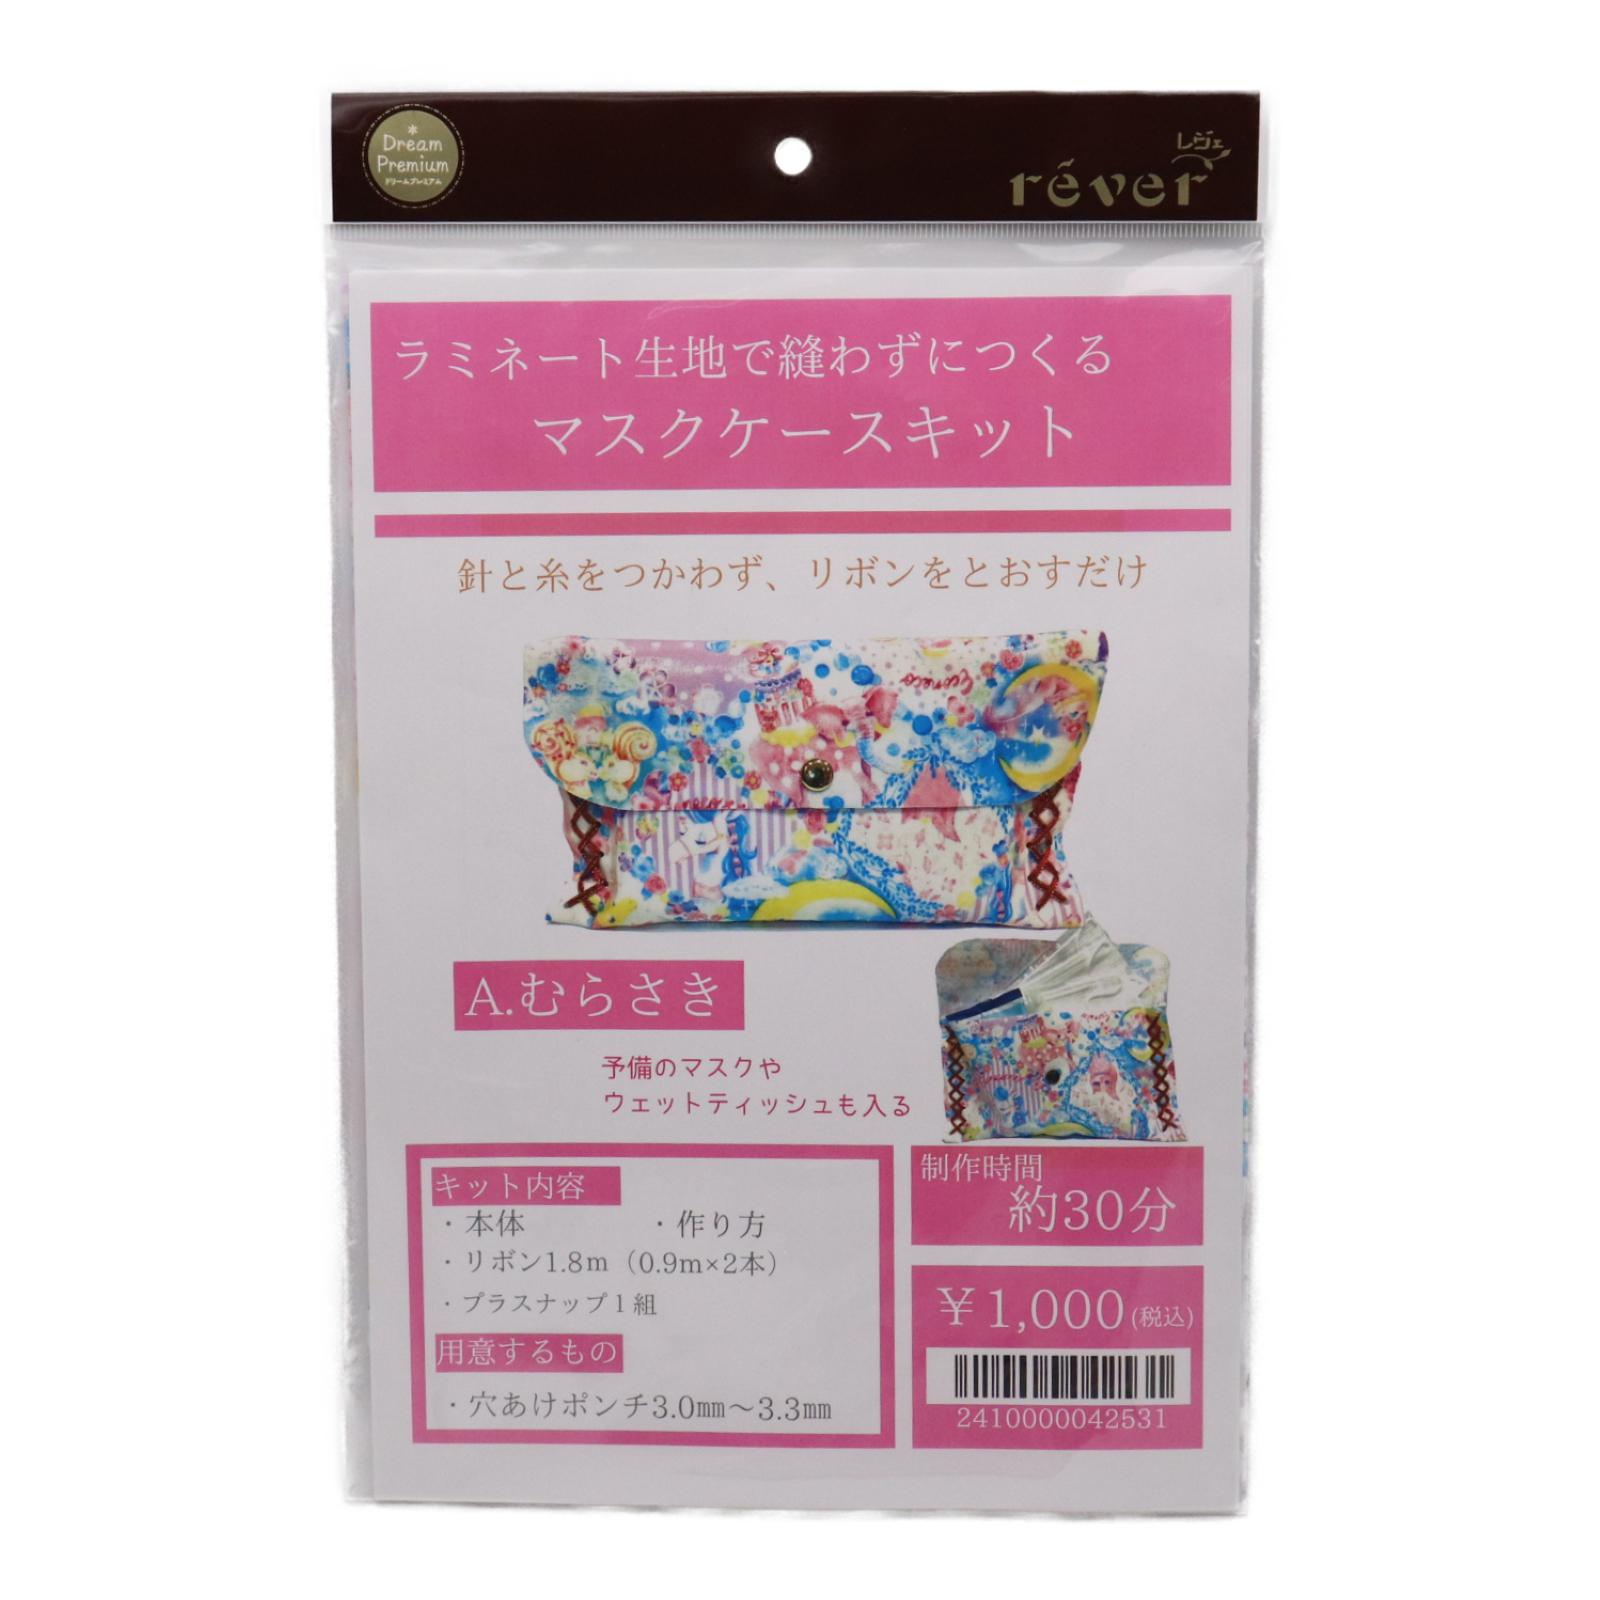 ラミネートマスクケースキット【2021ホビーショー・ワークショップ商品】